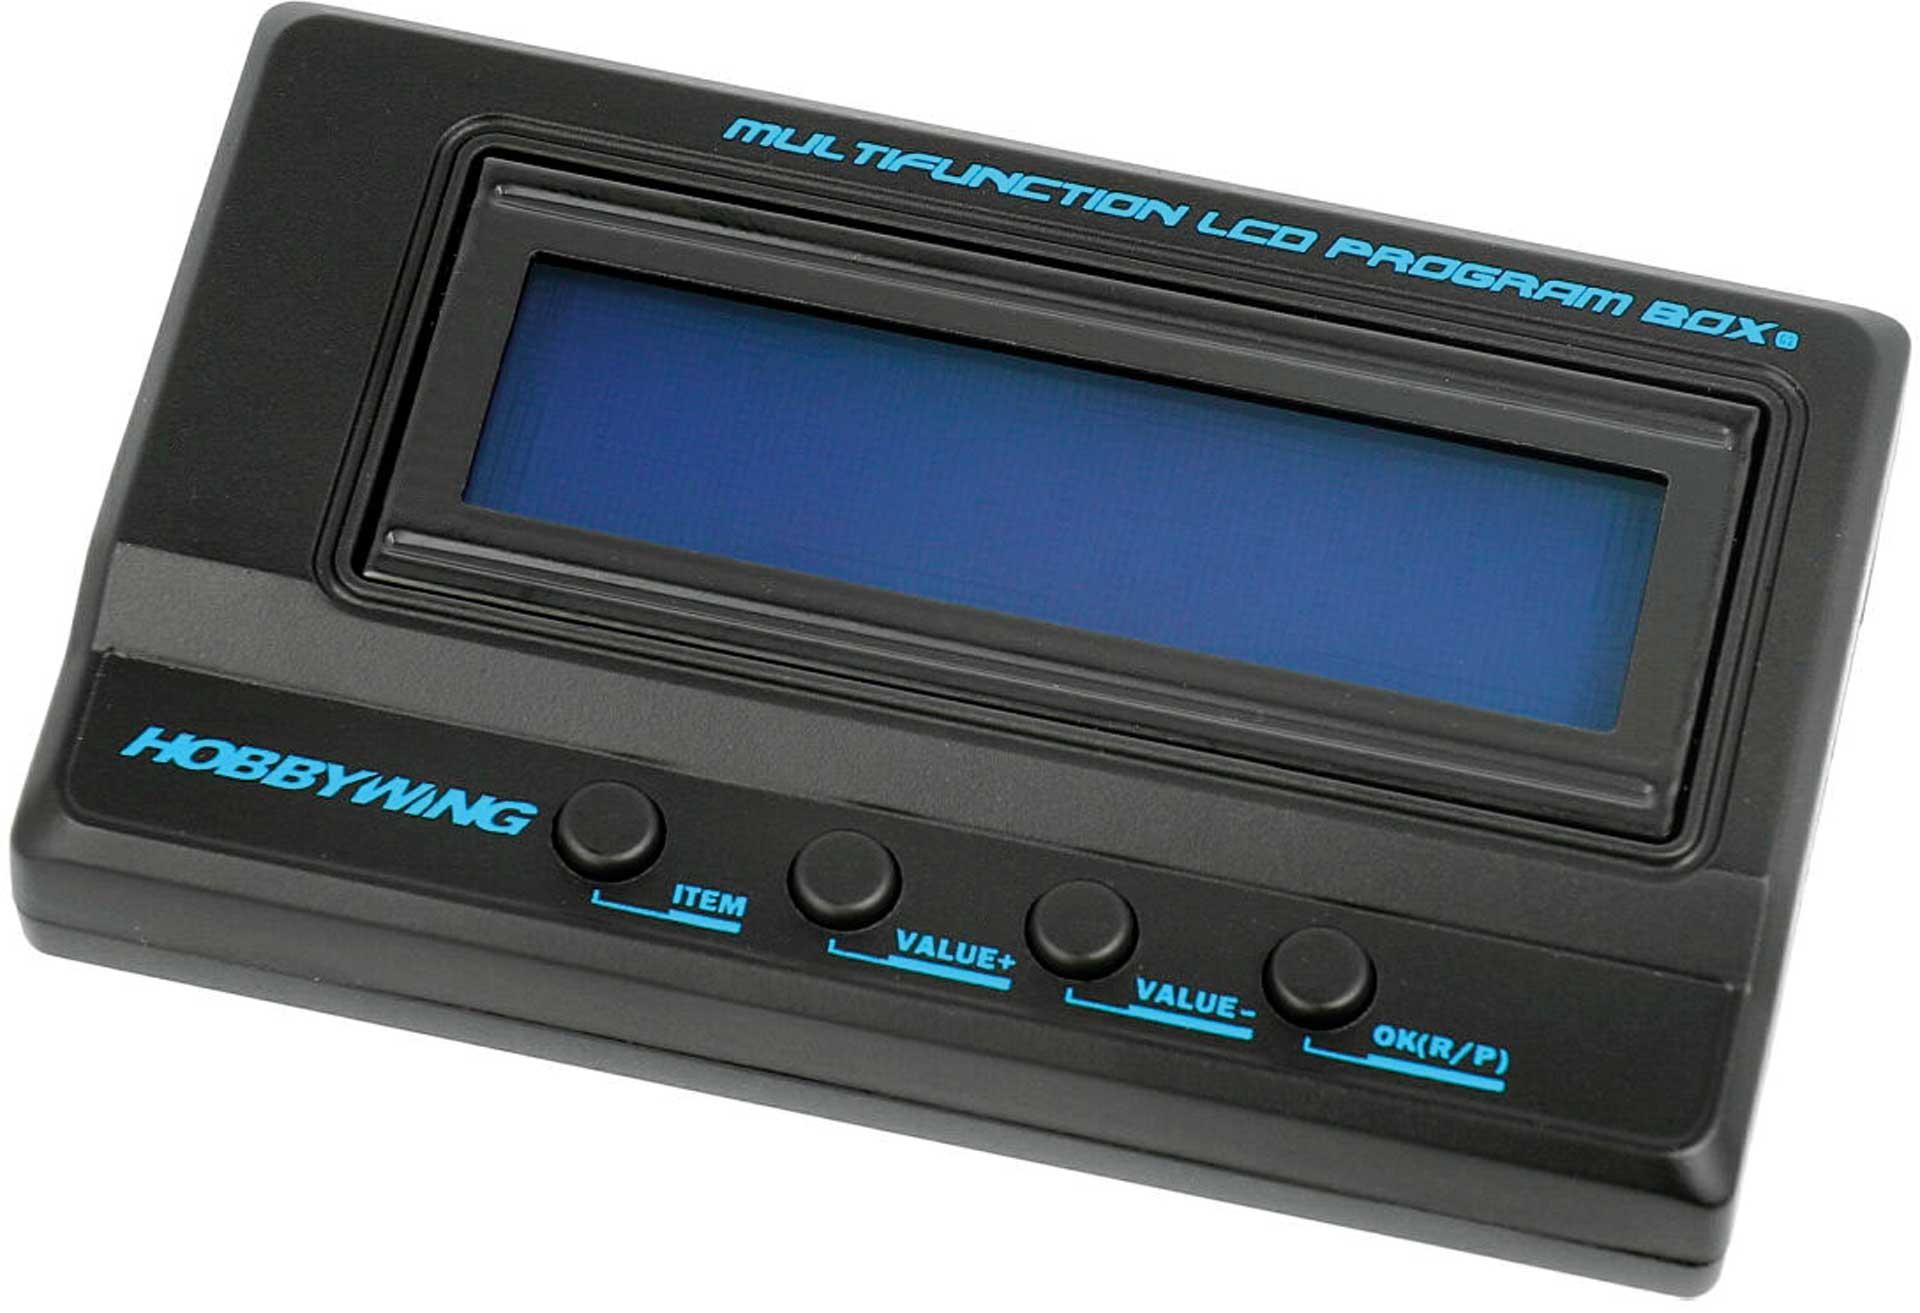 HOBBYWING LCD Programmierbox G2 für Xerun, Ezrun und Platinum Regler